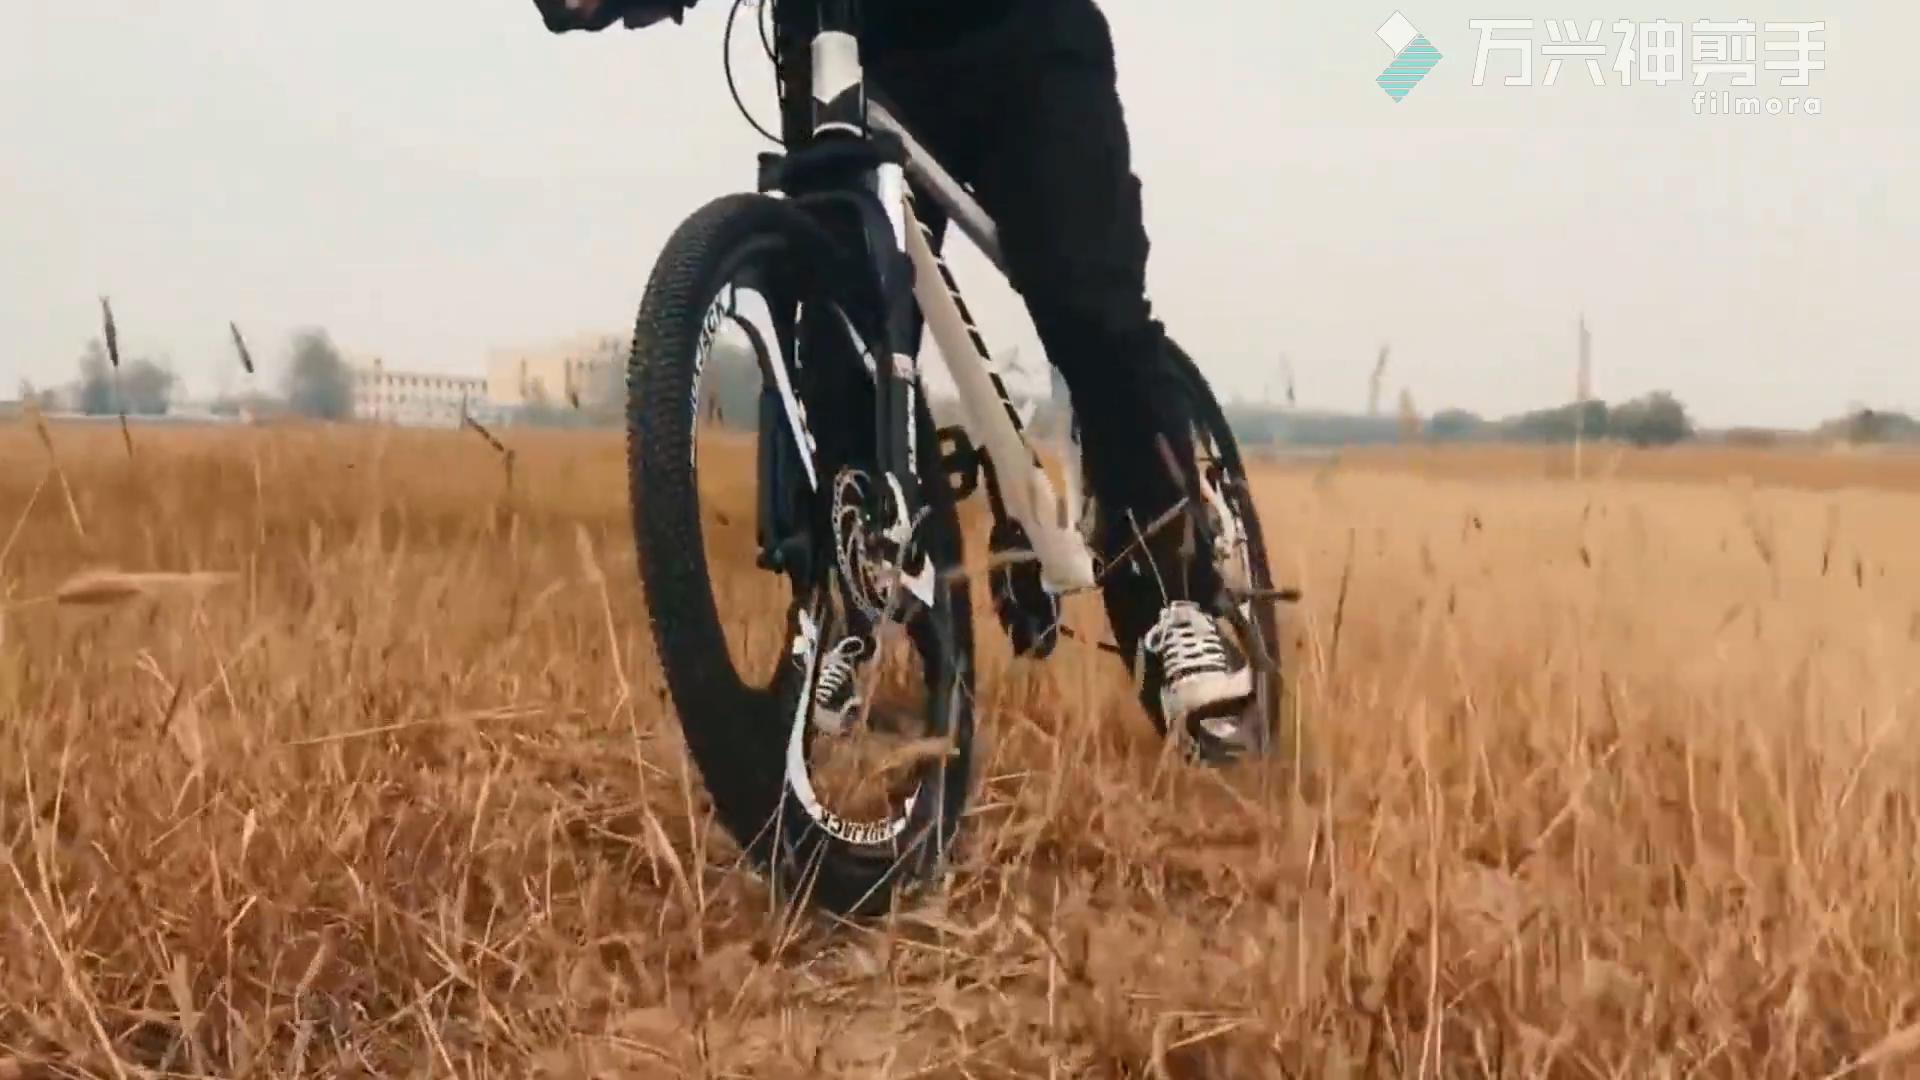 Bicicleta de Montaña de 26 pulgadas, bici usada en venta/bicicleta china/bicicleta OEM a la venta/Modelo 2020, bicicleta de montaña barata